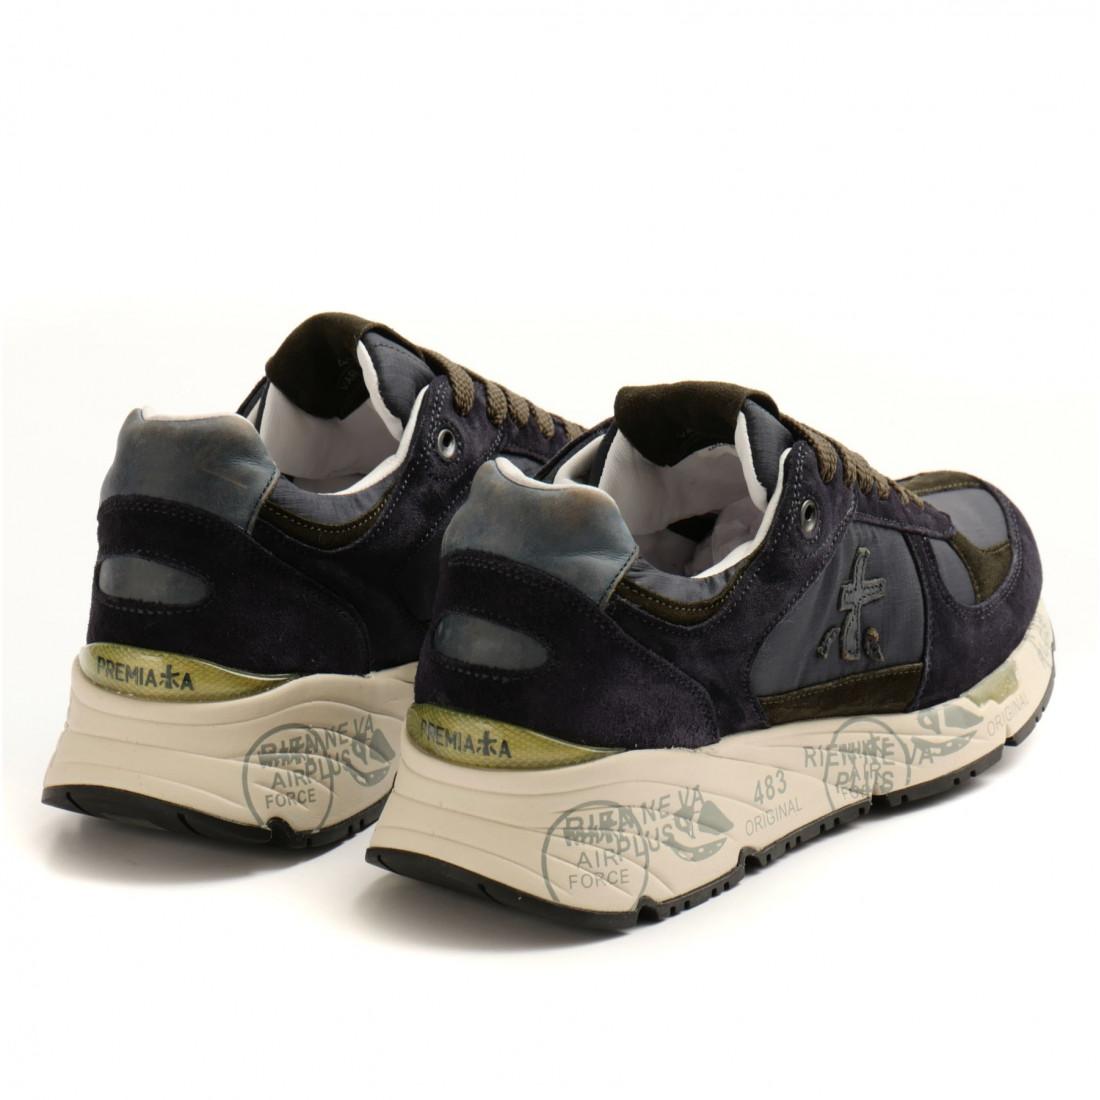 sneakers uomo premiata mase5398 8854